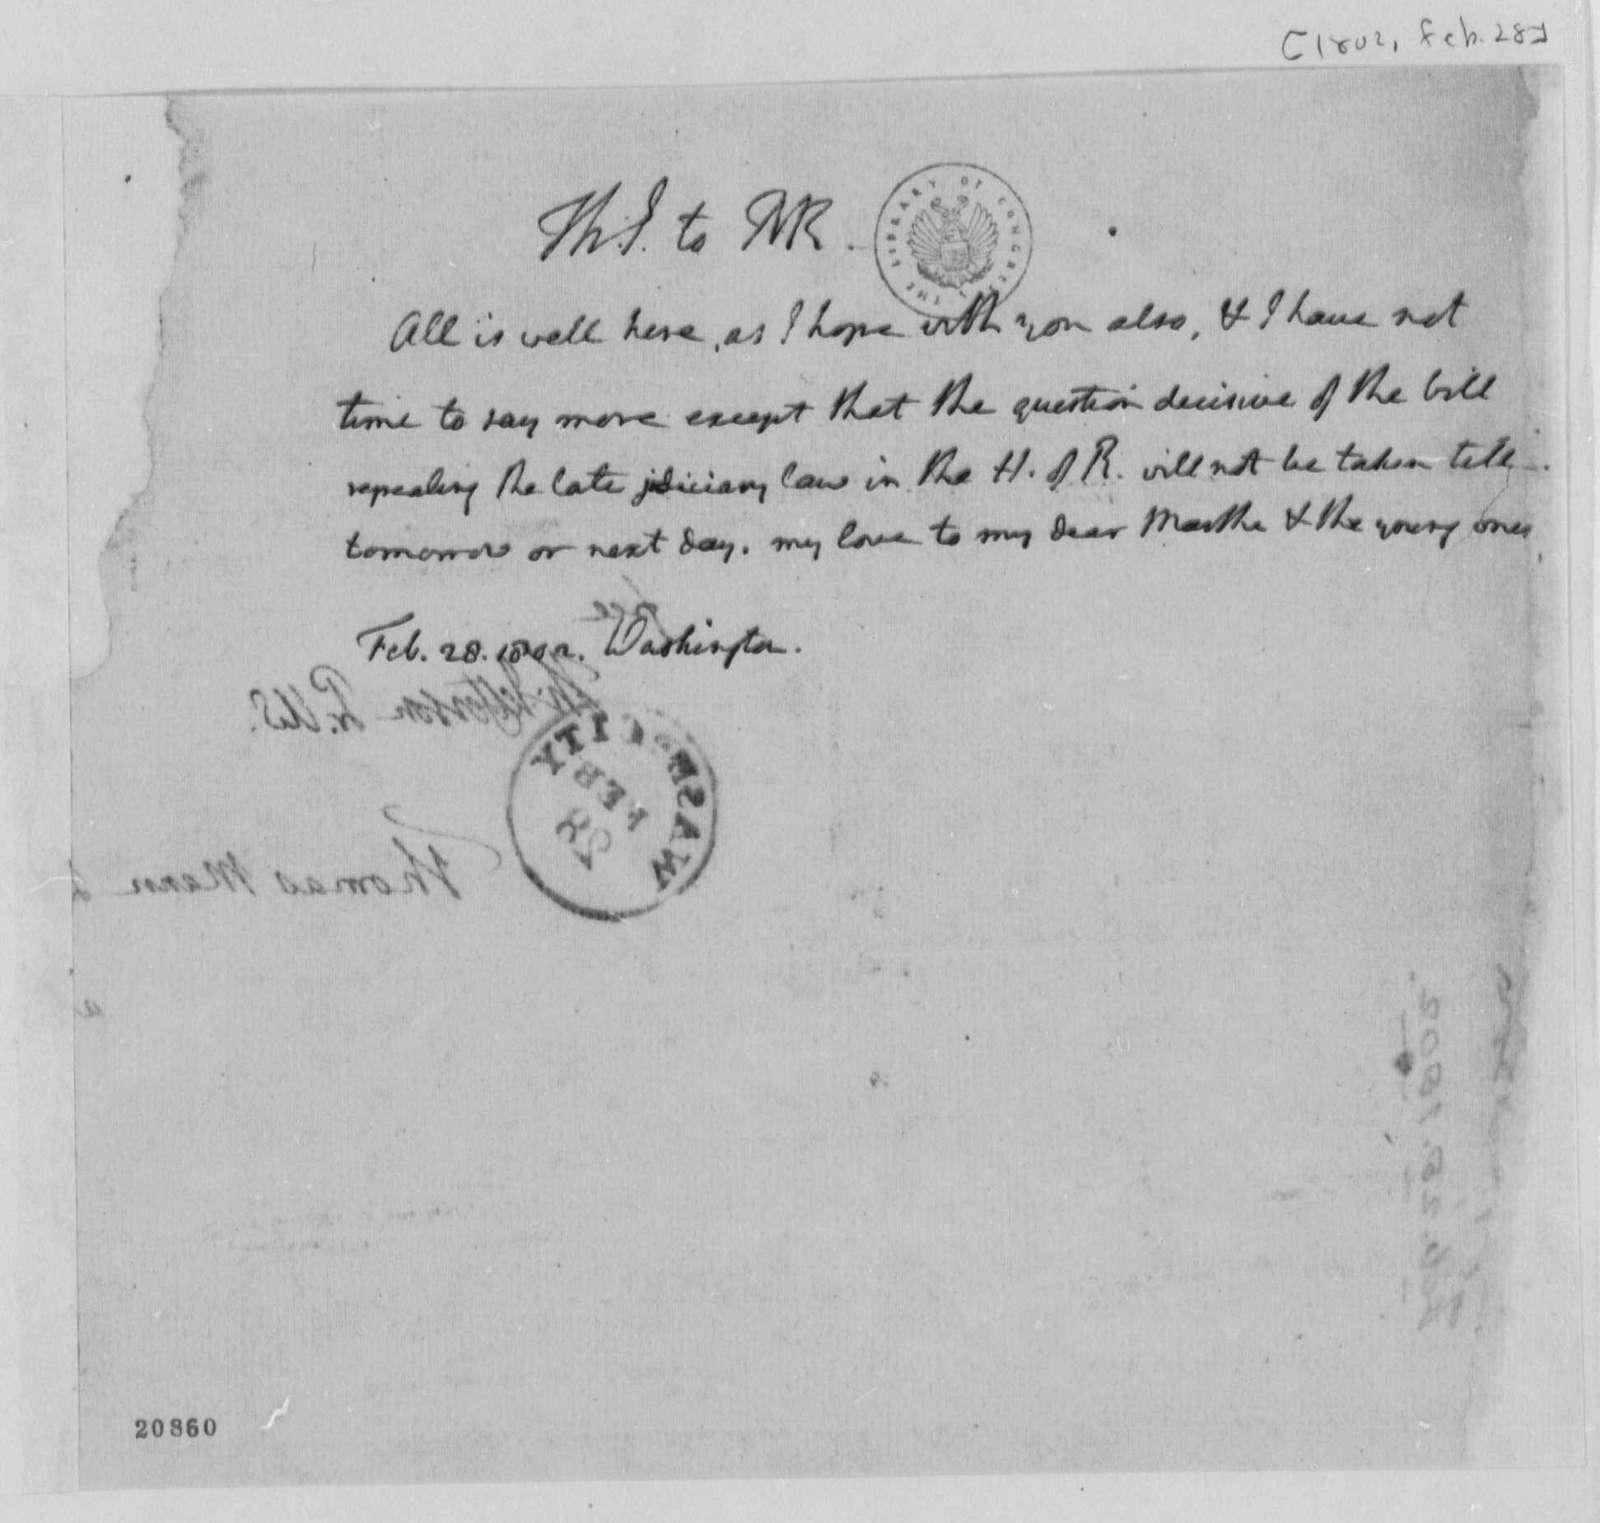 Thomas Jefferson to Thomas Mann Randolph, Jr., February 28, 1802